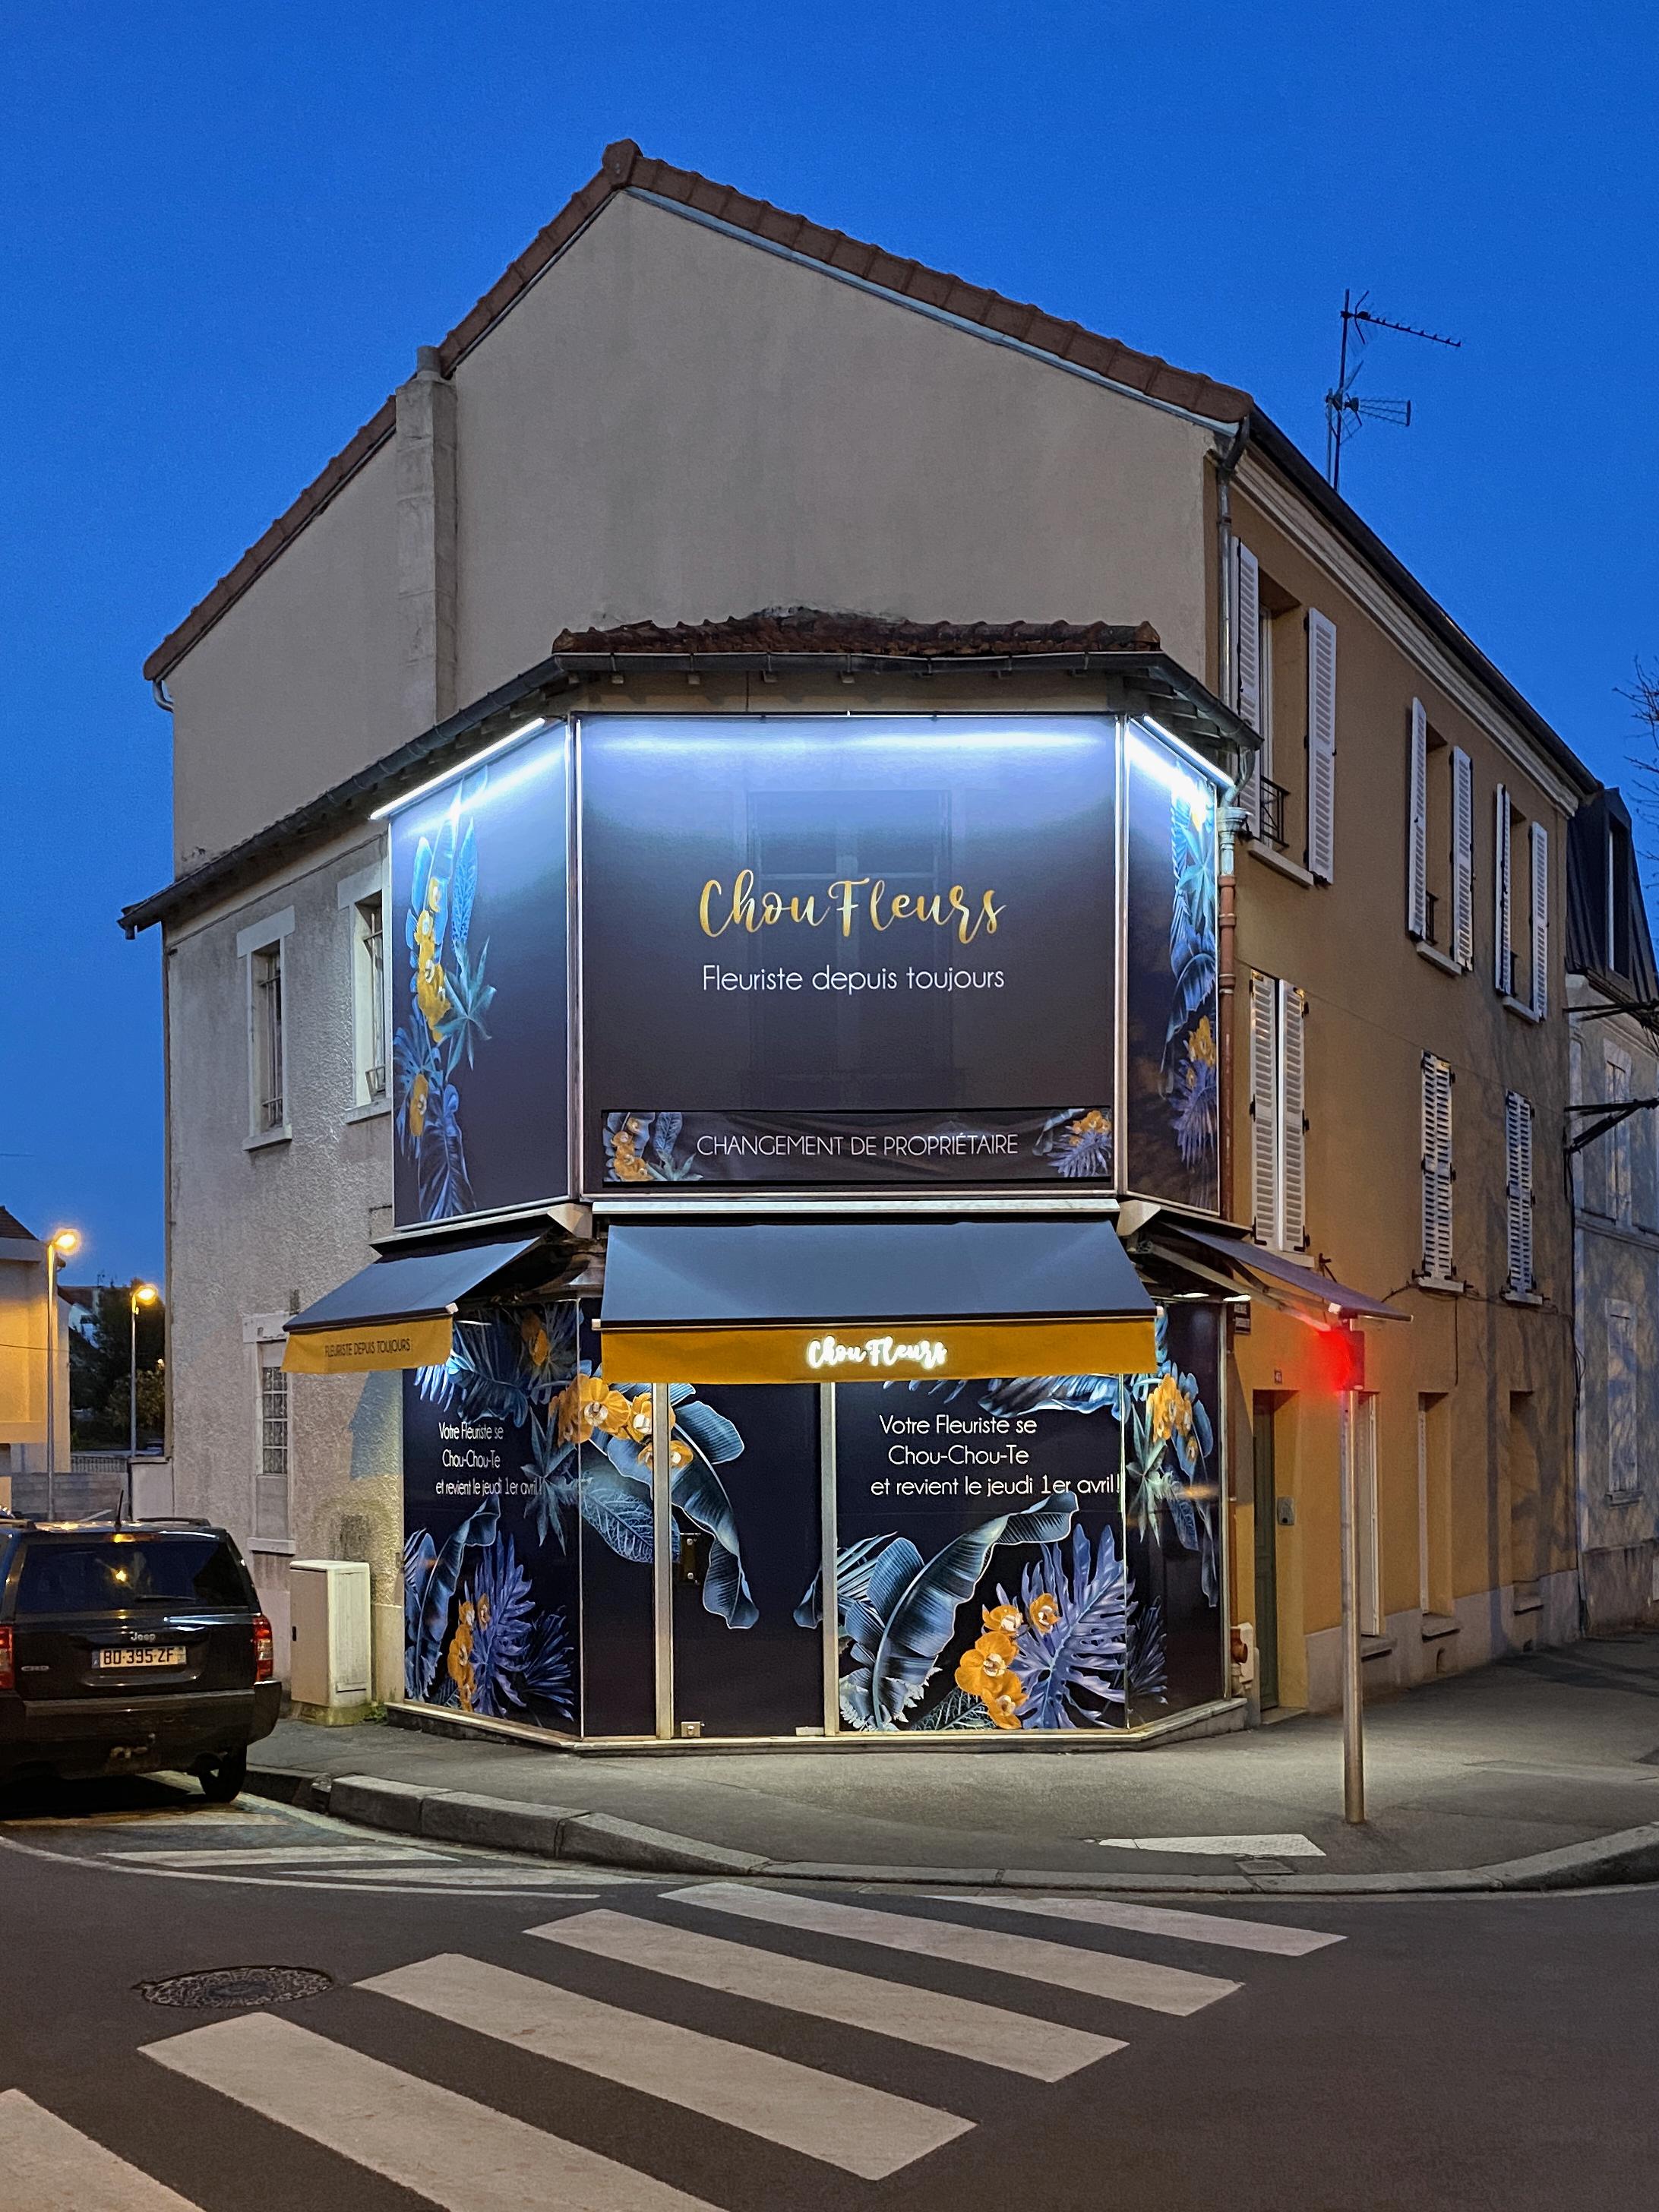 Boutique Choufleurs fleuriste au Perreux-sur-marne